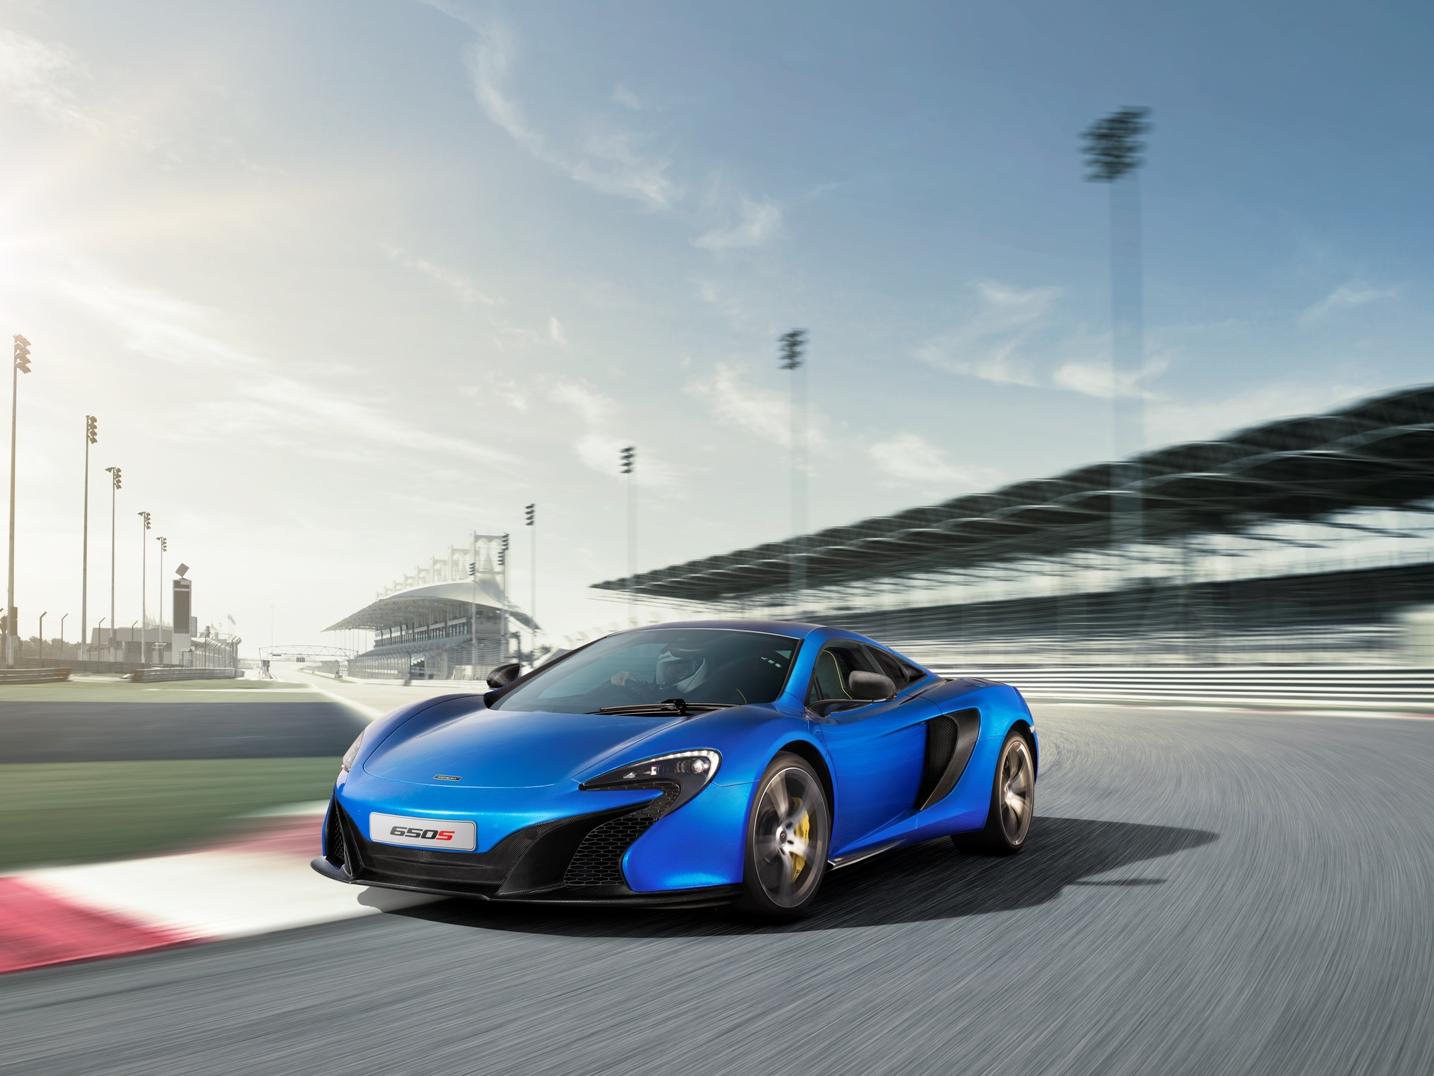 http://images.caradisiac.com/images/2/5/0/2/92502/S0-Geneve-2014-McLaren-650-S-Coupe-officielle-c-est-bien-un-nouveau-modele-313552.jpg